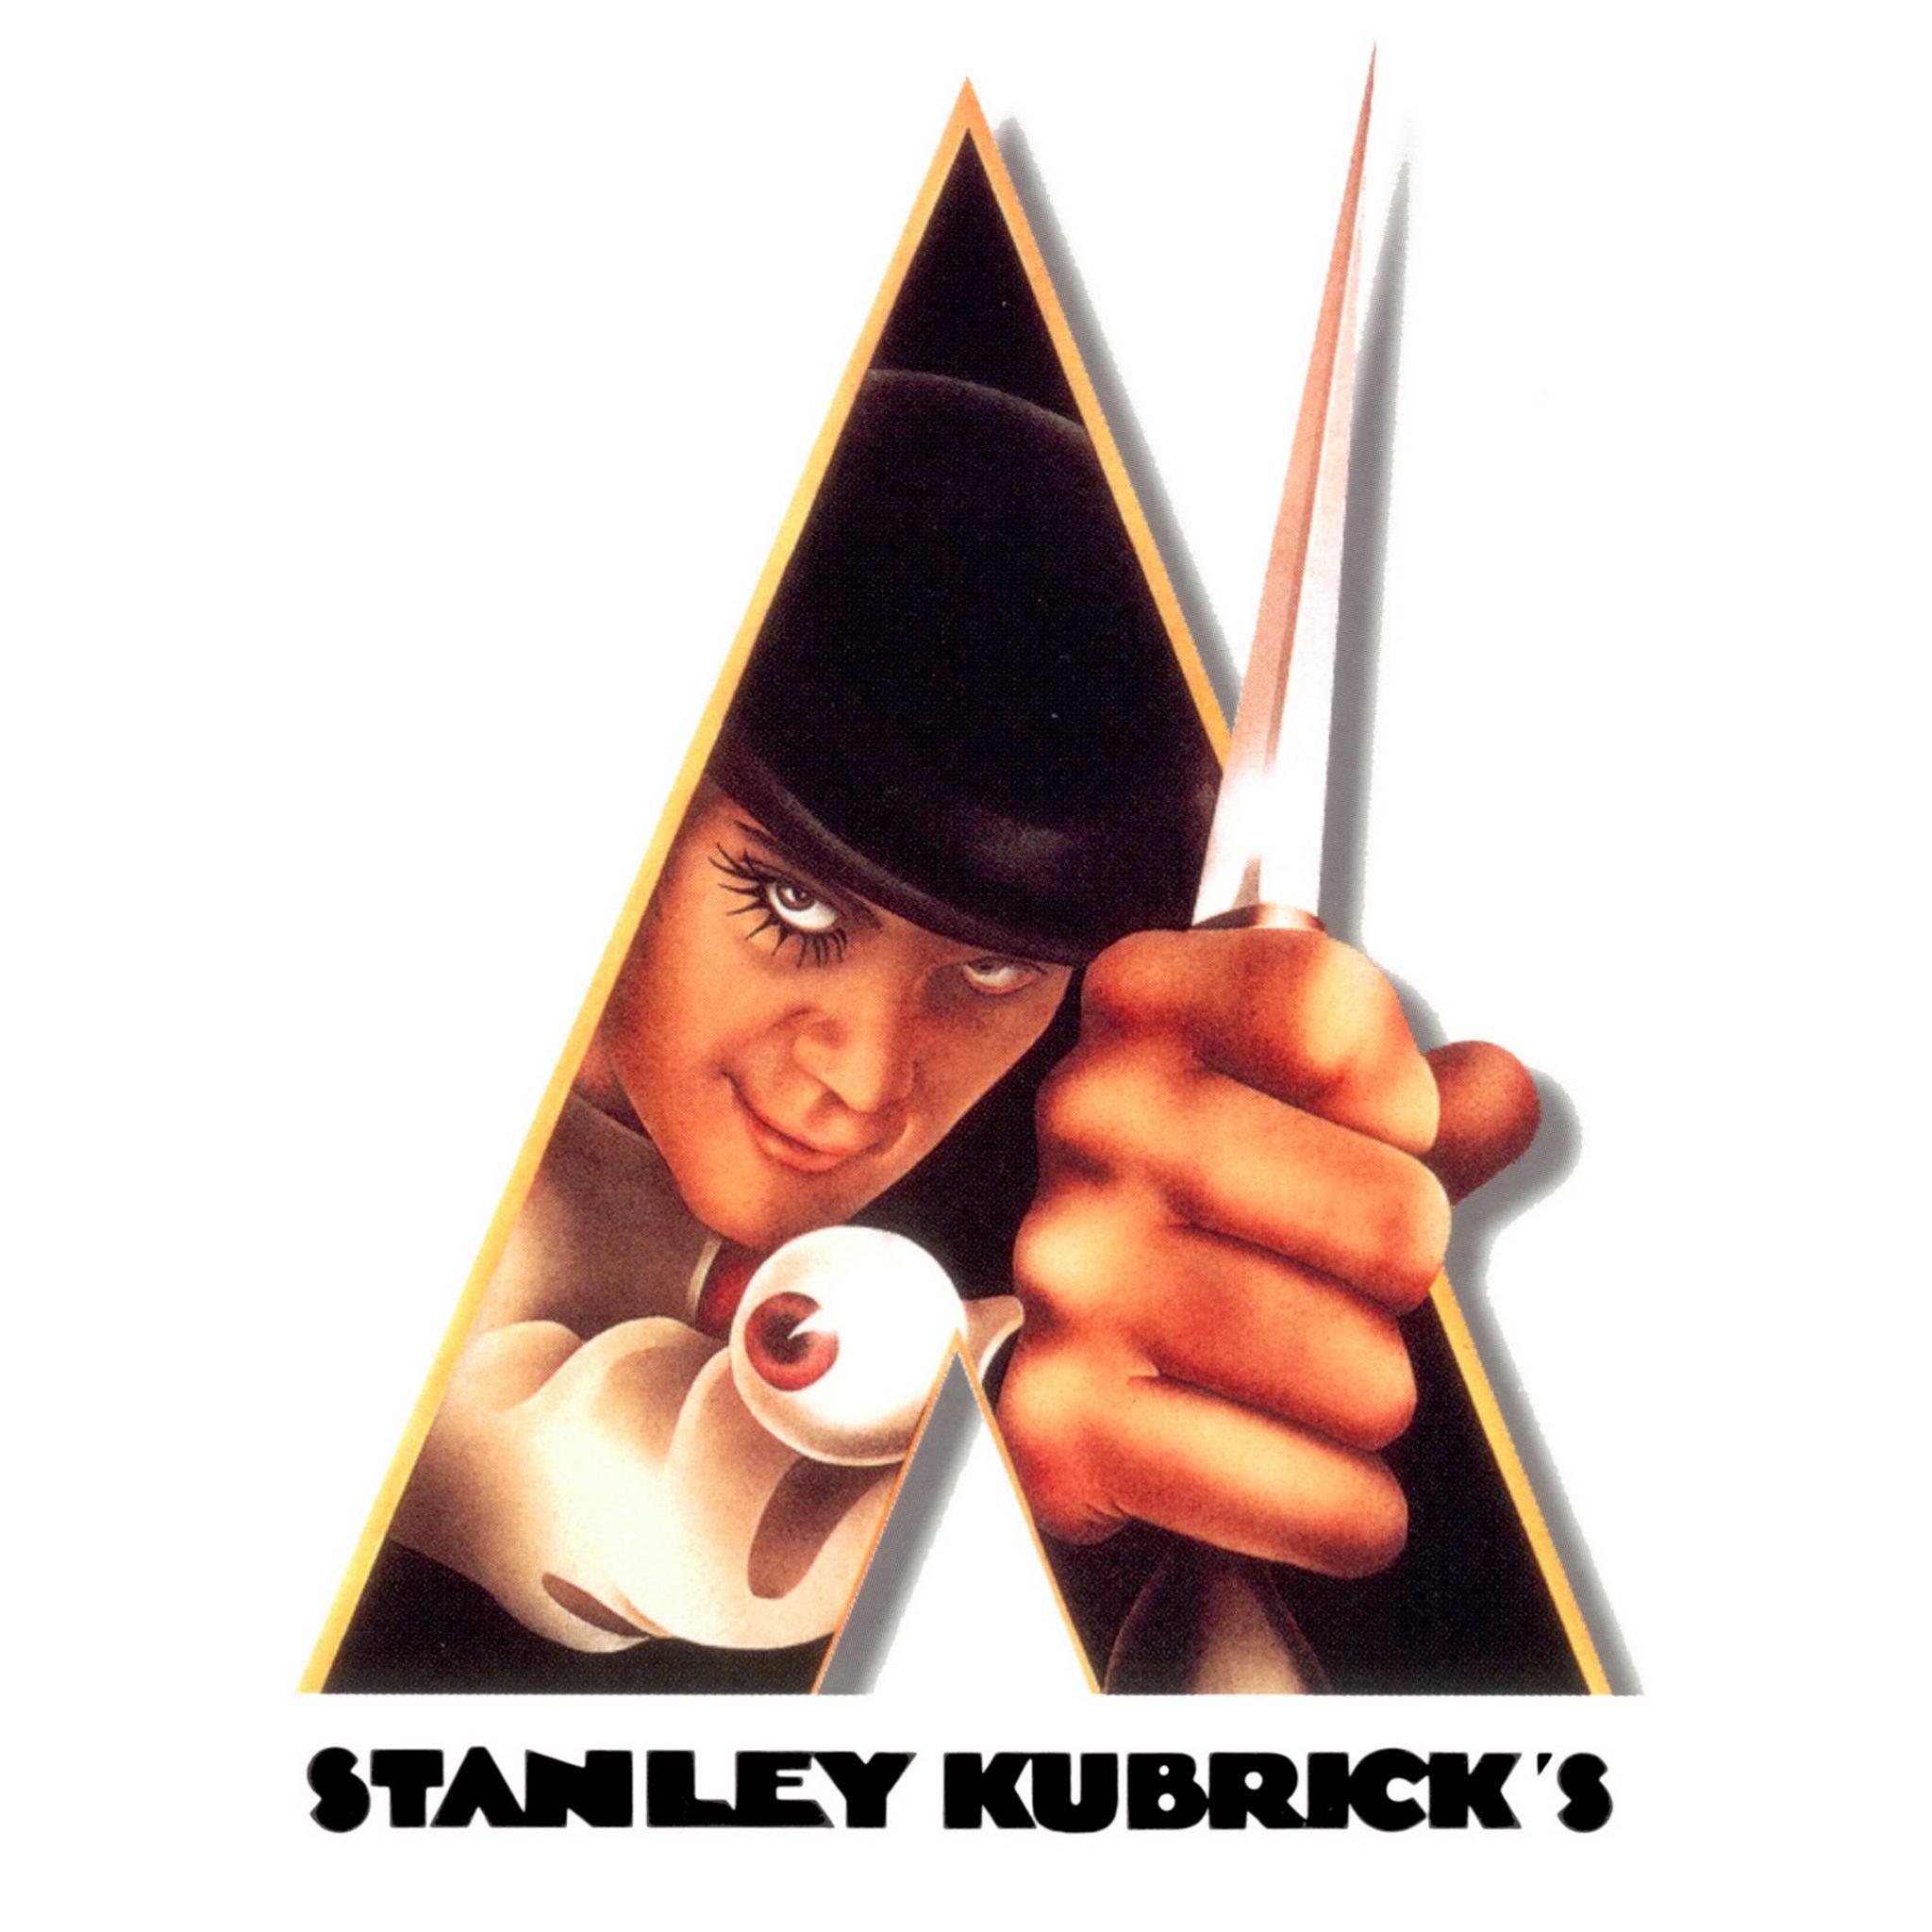 A Clockwork Orange 1971 3Wallpapers iPad Retina A Clockwork Orange   1971 (Stanley Kubrick)   iPad Retina